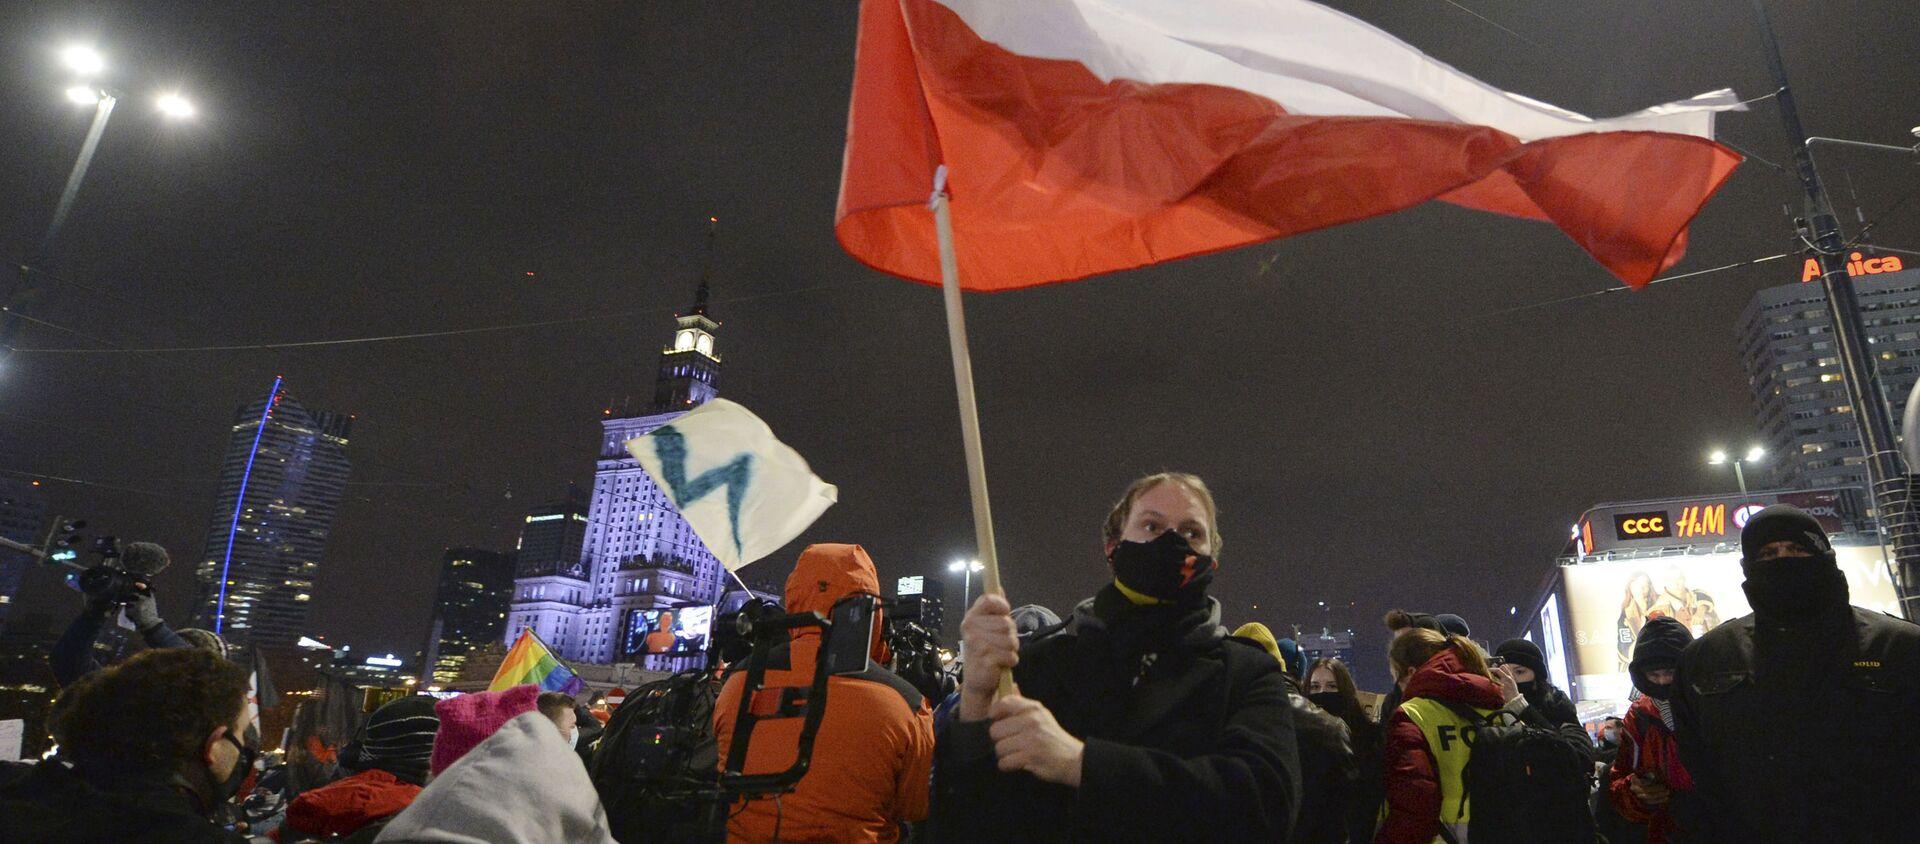 Akcja przeciwko zaostrzeniu prawa aborcyjnego w Warszawie - Sputnik Polska, 1920, 31.01.2021